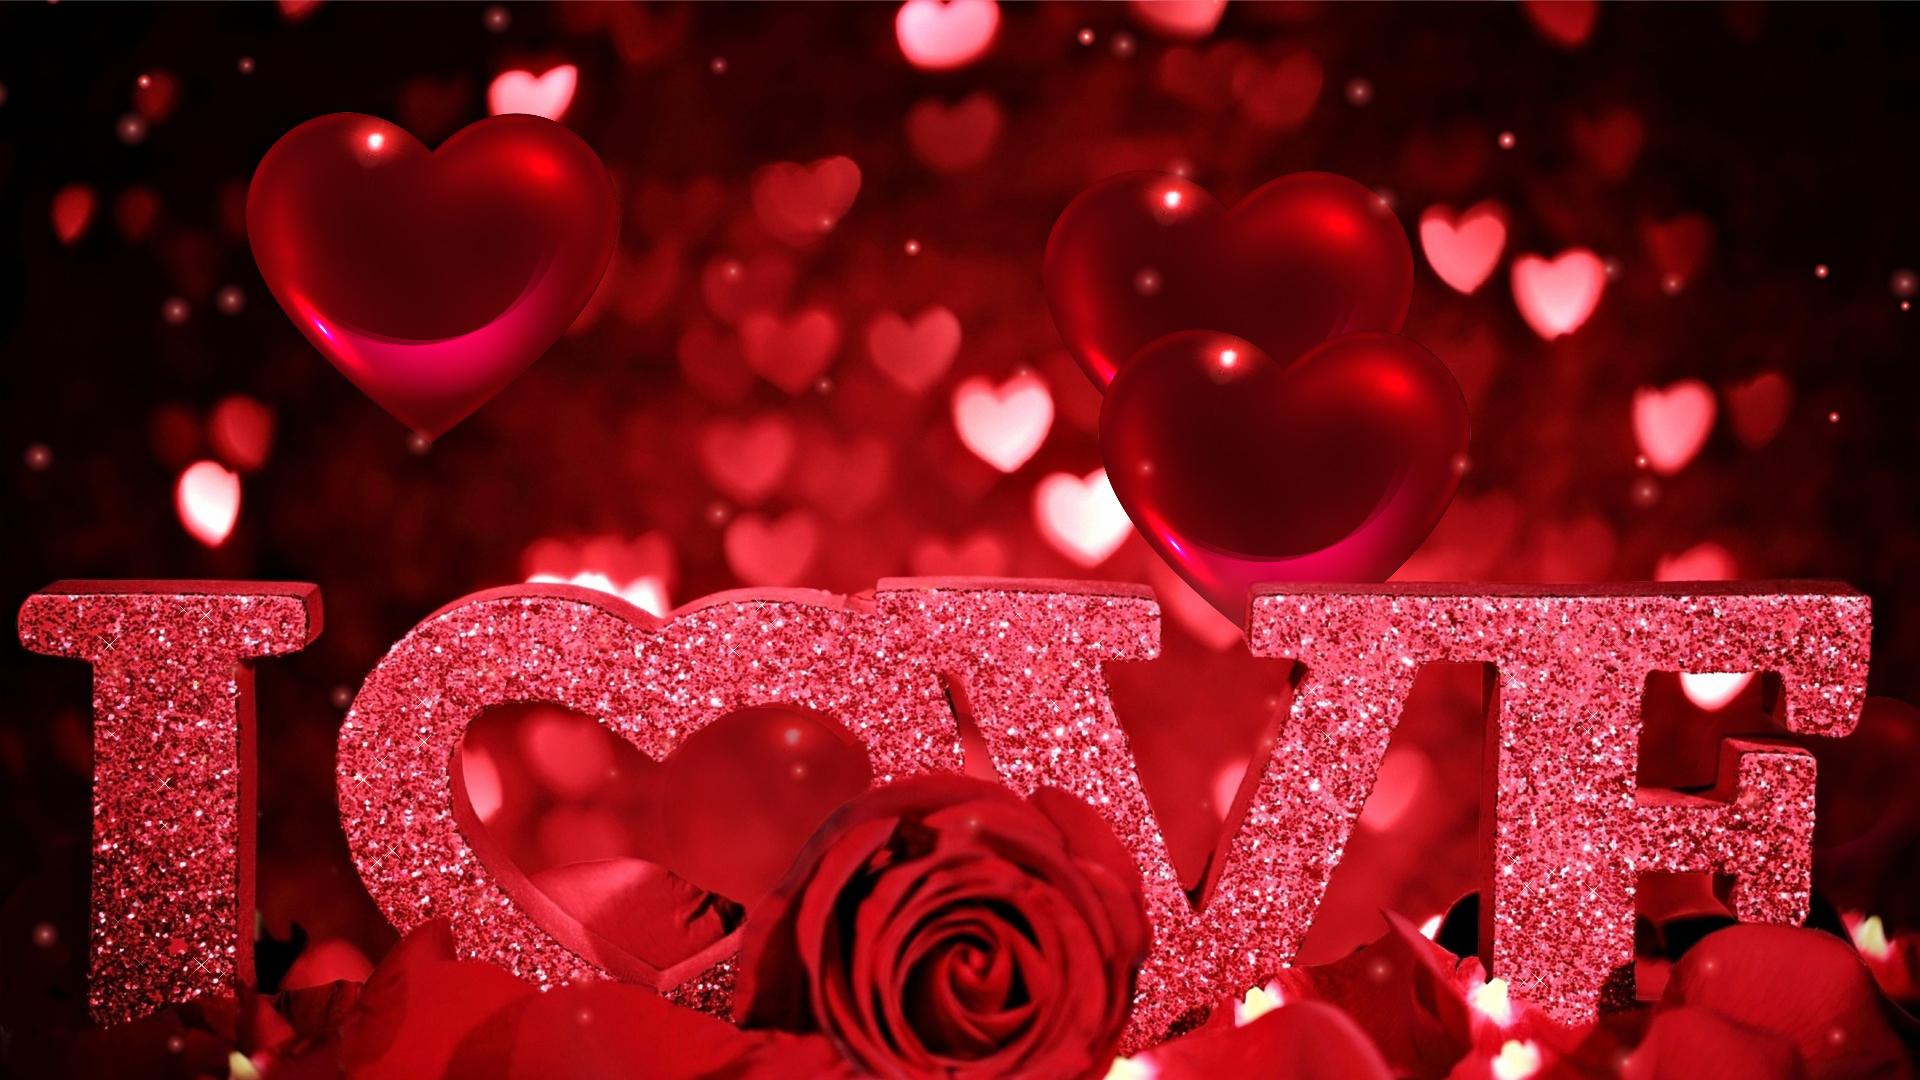 download hearts screensaver romantic hearts screenshot 1